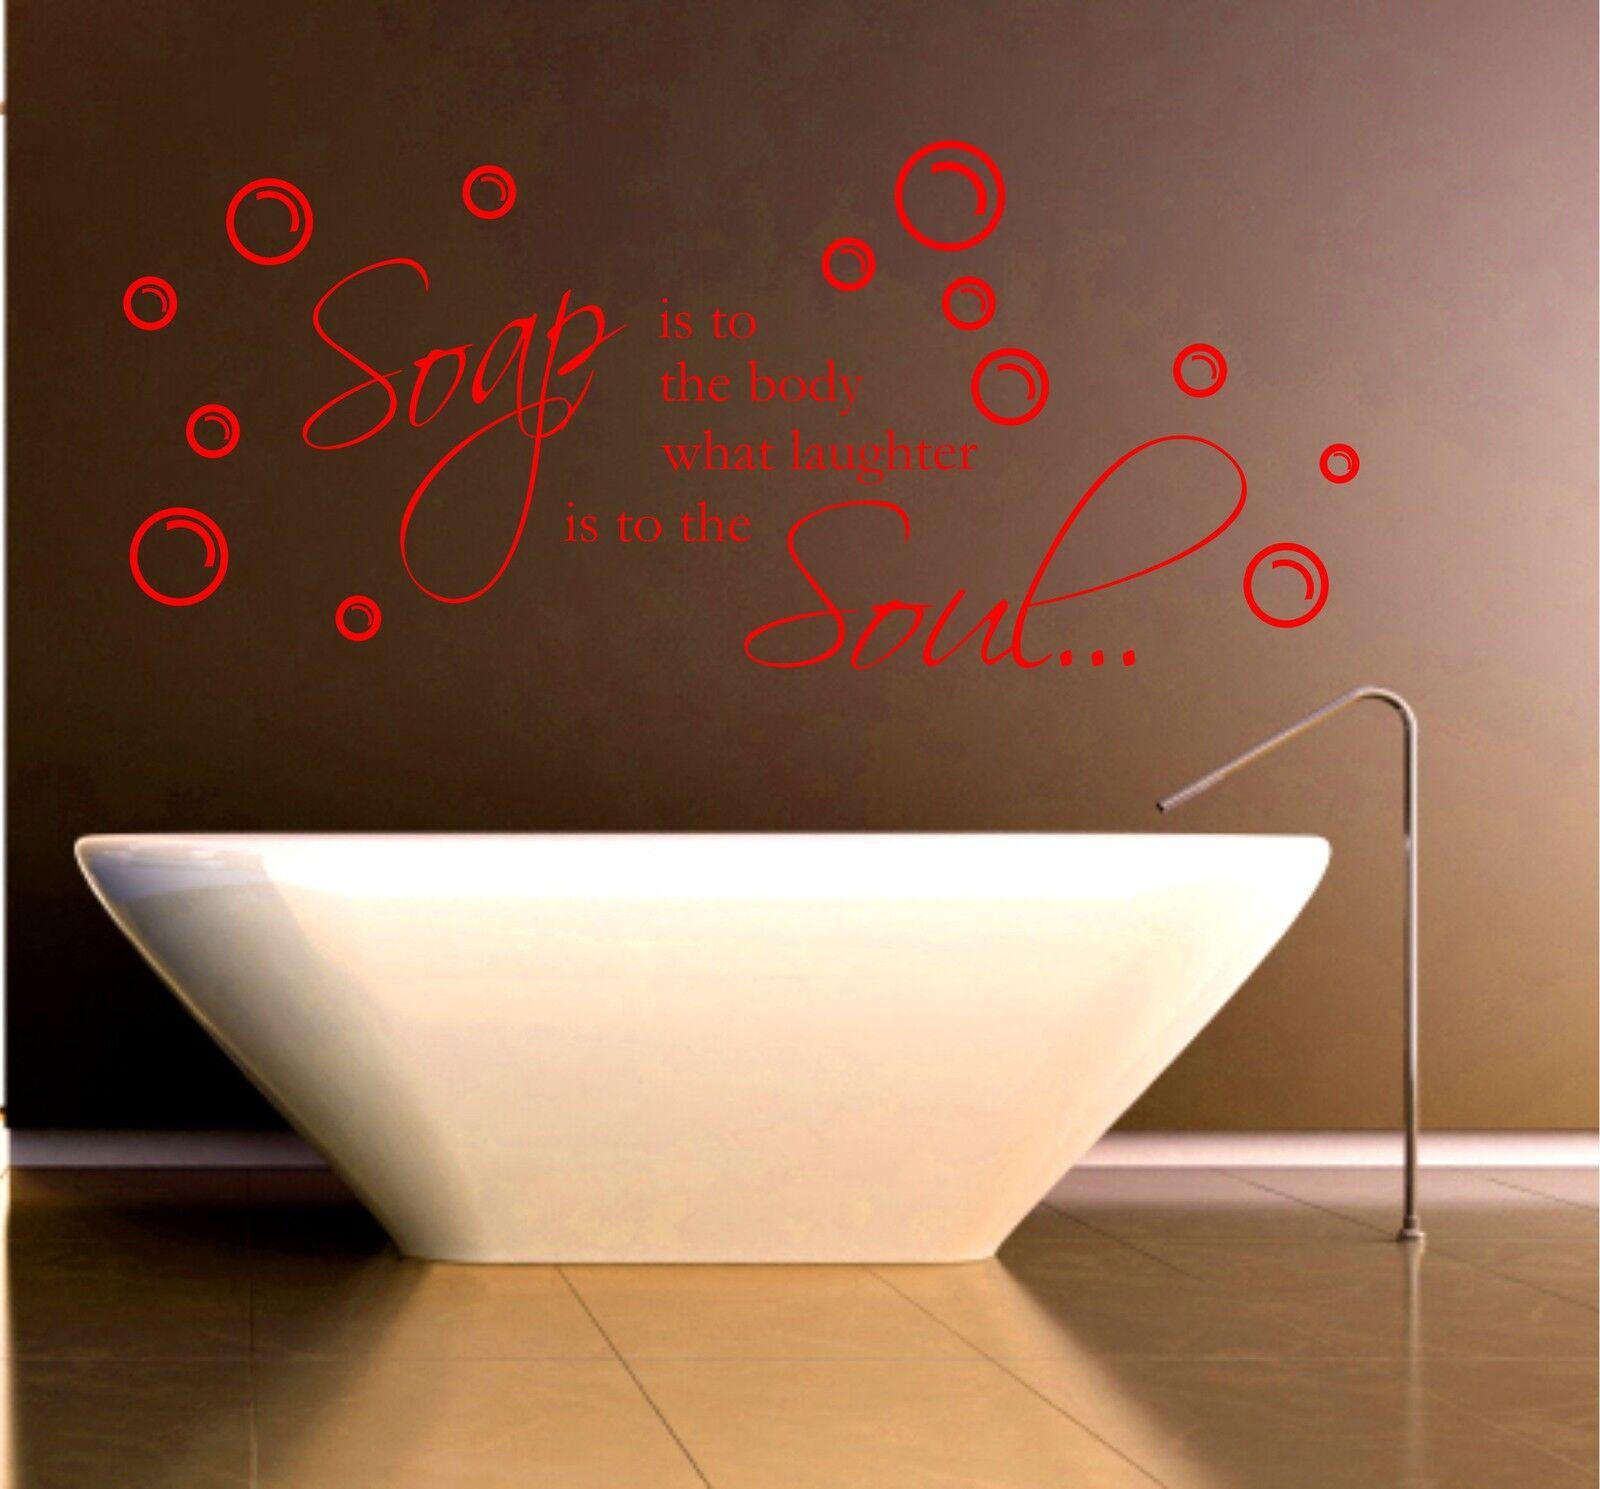 Savon rires et salle de de de bain citation vinyle mur art autocollant 051db3